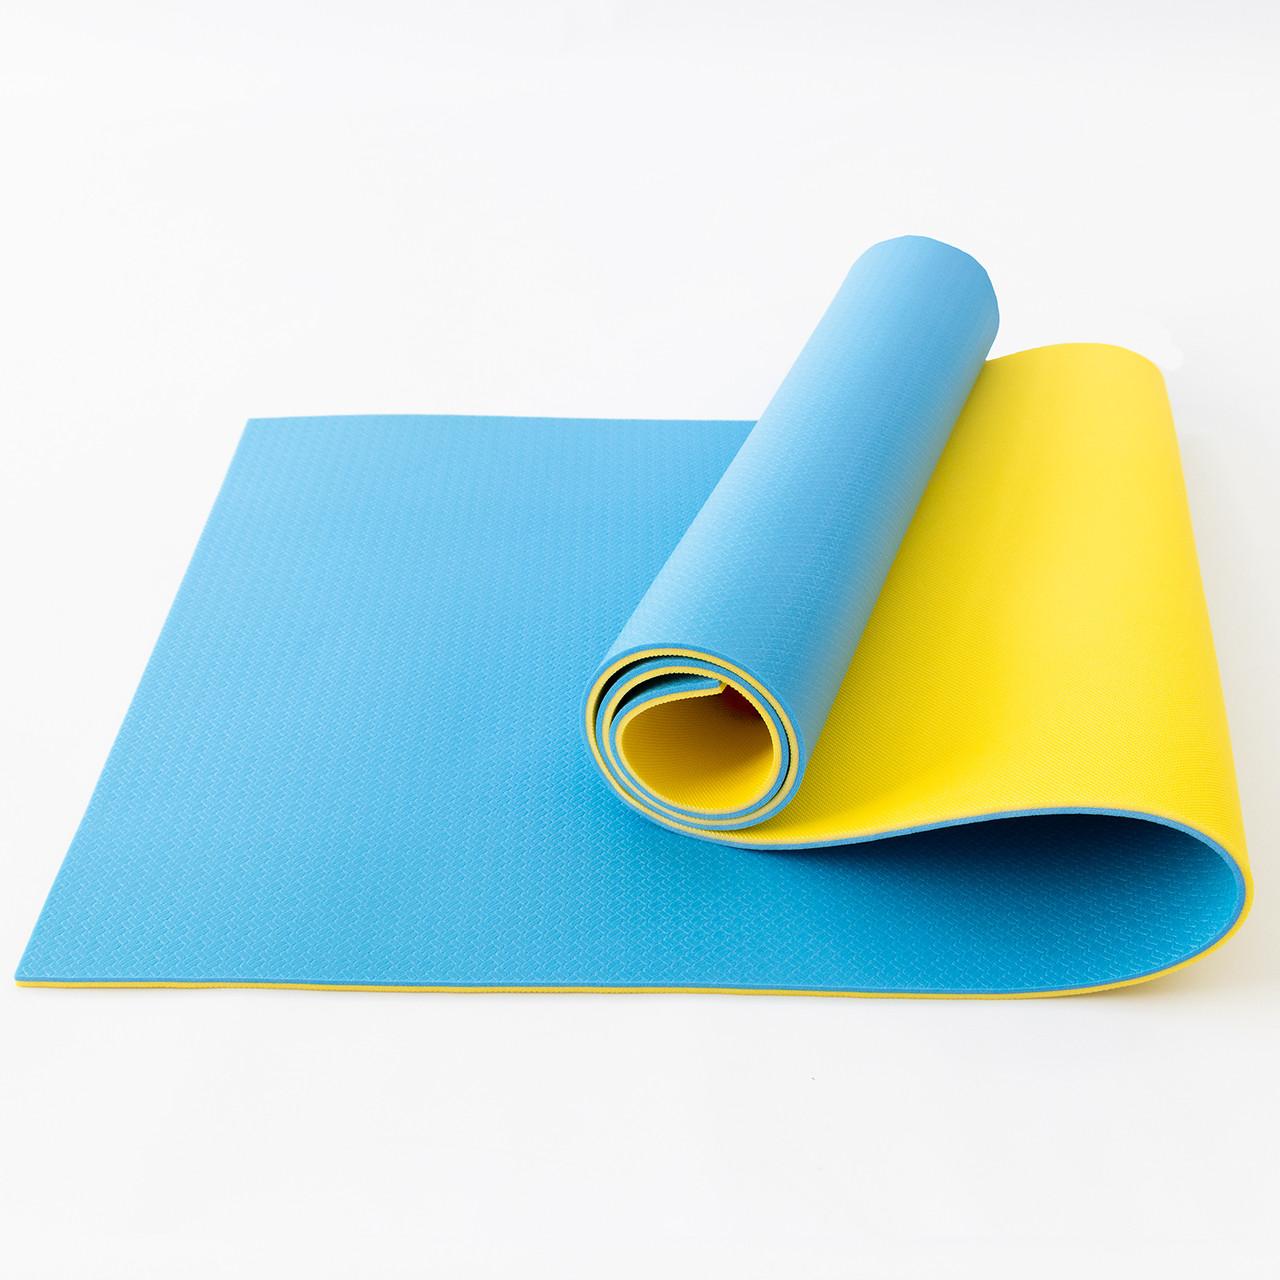 Килимок туристичний (каремат похідний і пляжний) OSPORT Tourist Pro 8мм (FI-0122-2) Жовто-синій